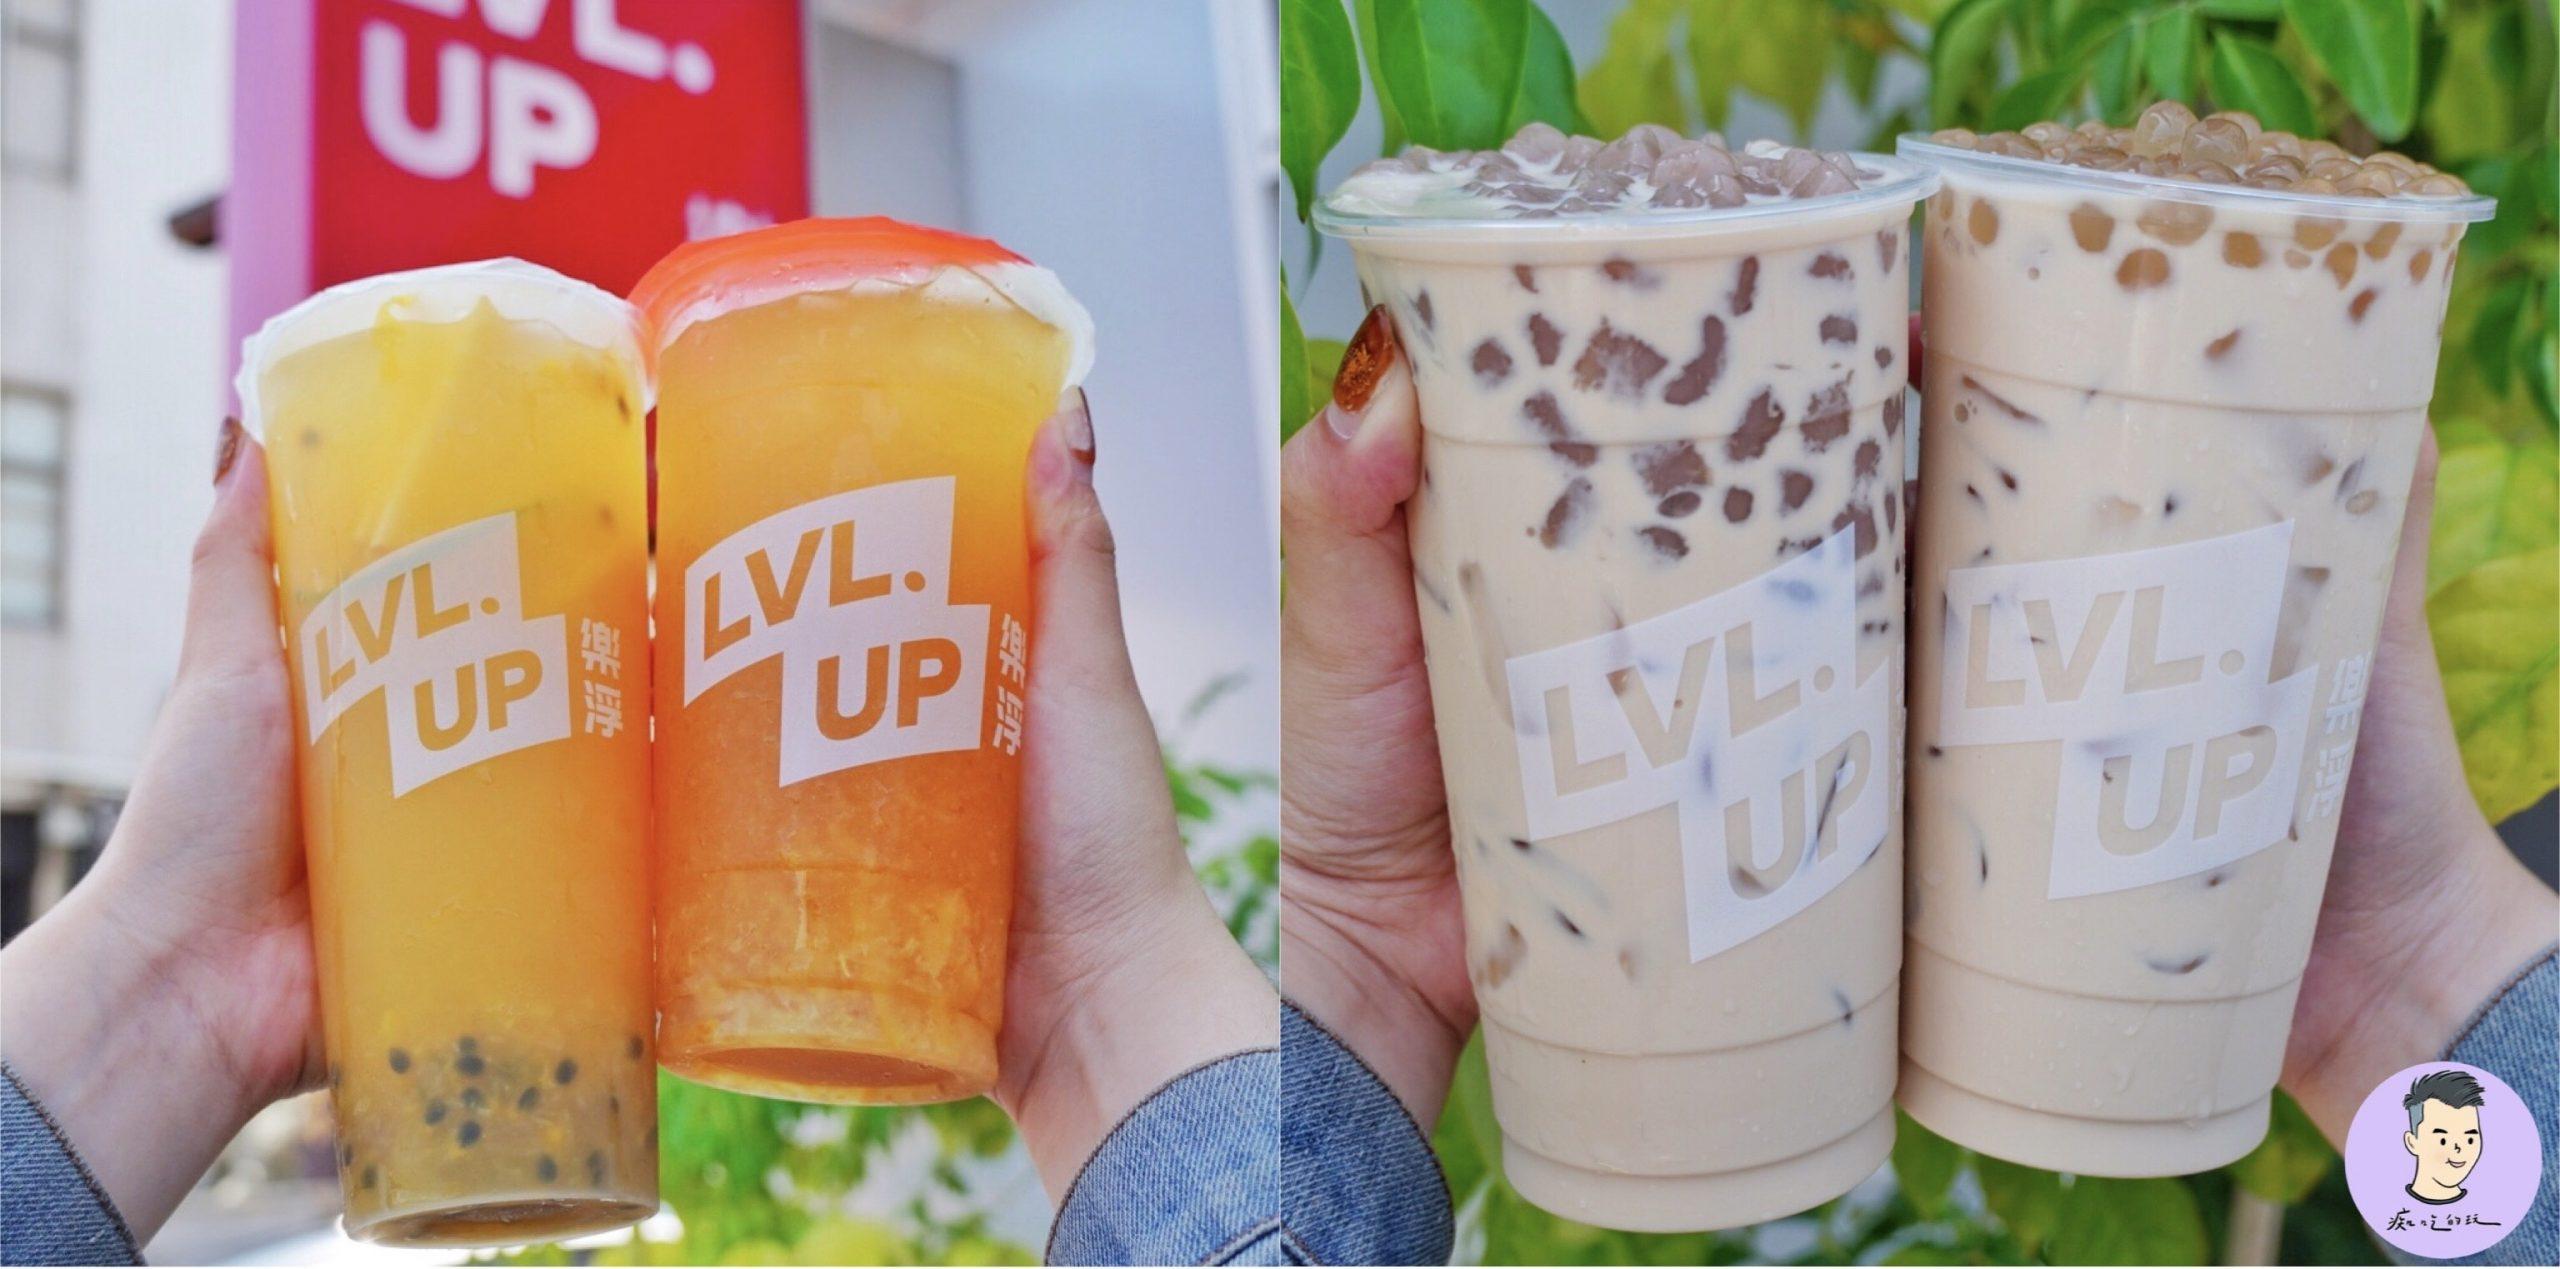 只有台南喝得到【樂浮茶飲 Level up】星烏龍系列限時8折!新升級上市!大推招牌水果茶+珍珠/芋圓 赤崁樓美食|中西區美食